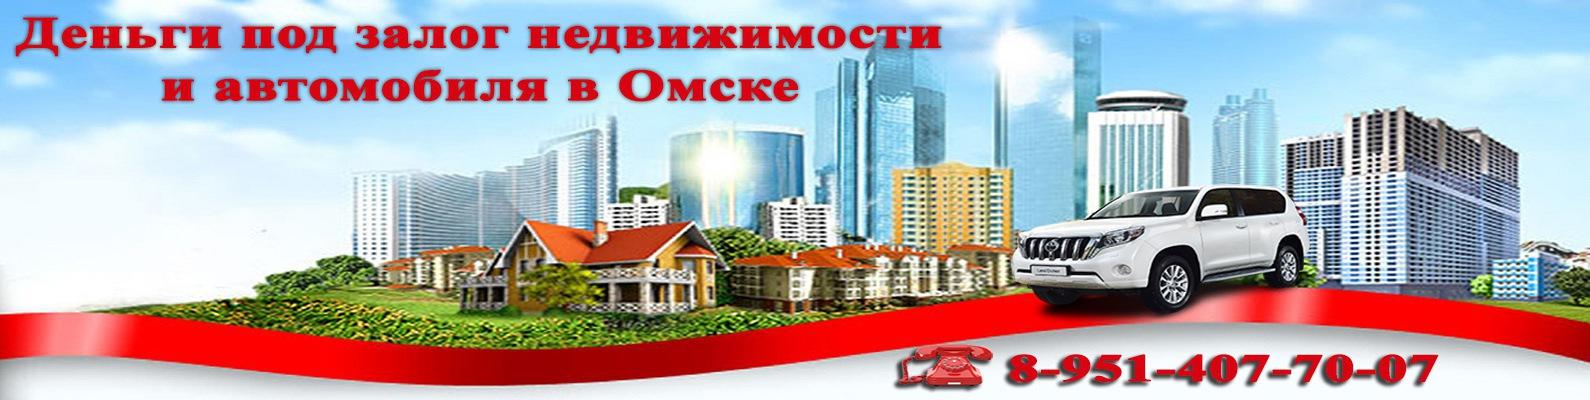 займ под залог недвижимости омск